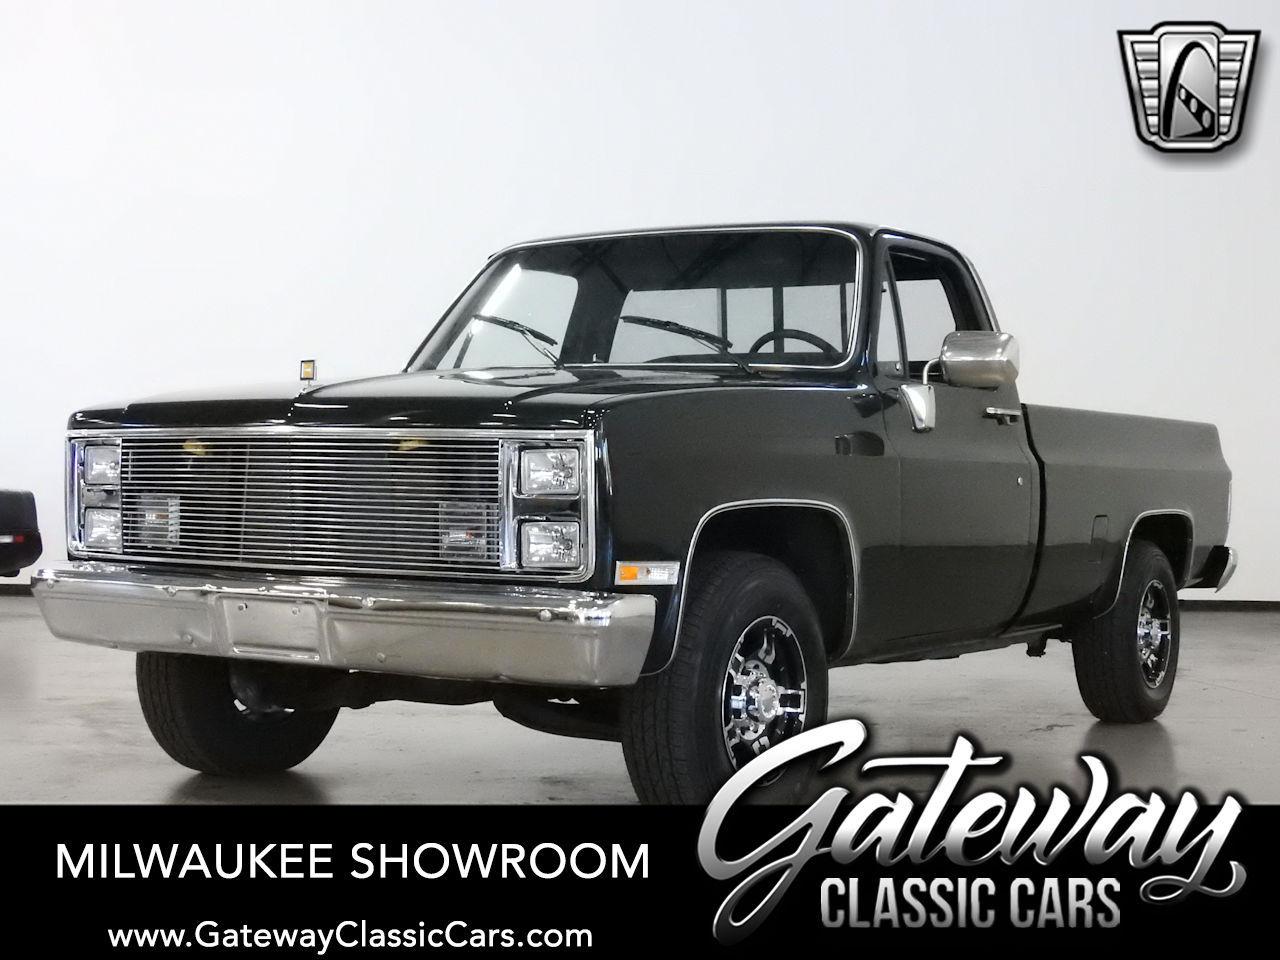 Used 1986 Chevrolet Silverado